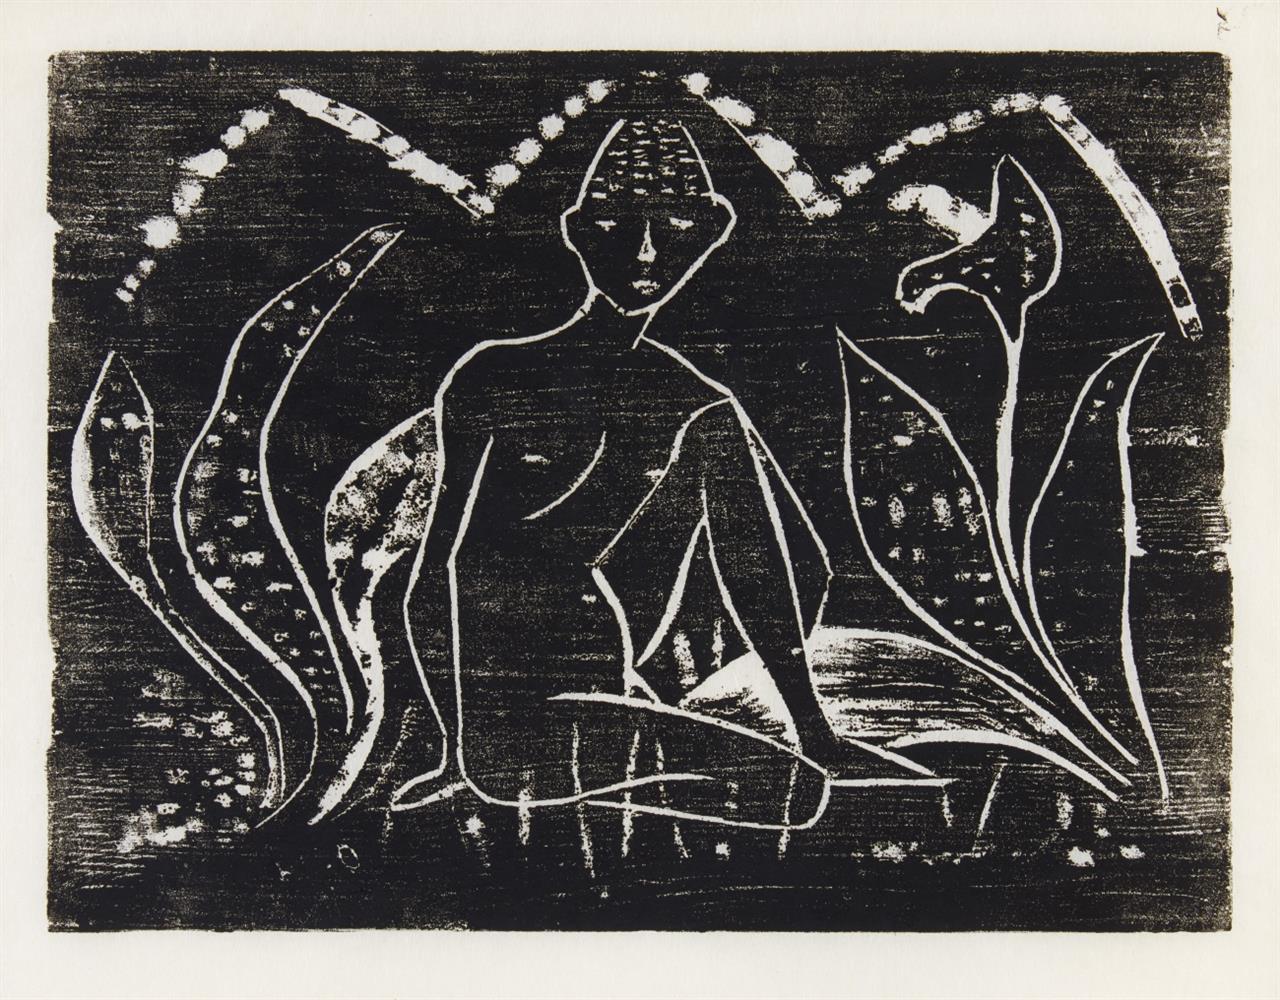 Otto Mueller. Knabe zwischen Blattpflanzen / Mädchen zwischen Blattpflanzen. 1912 (1945/1952). Posthume Abzüge.  Karsch 2 II A, 3 II A.